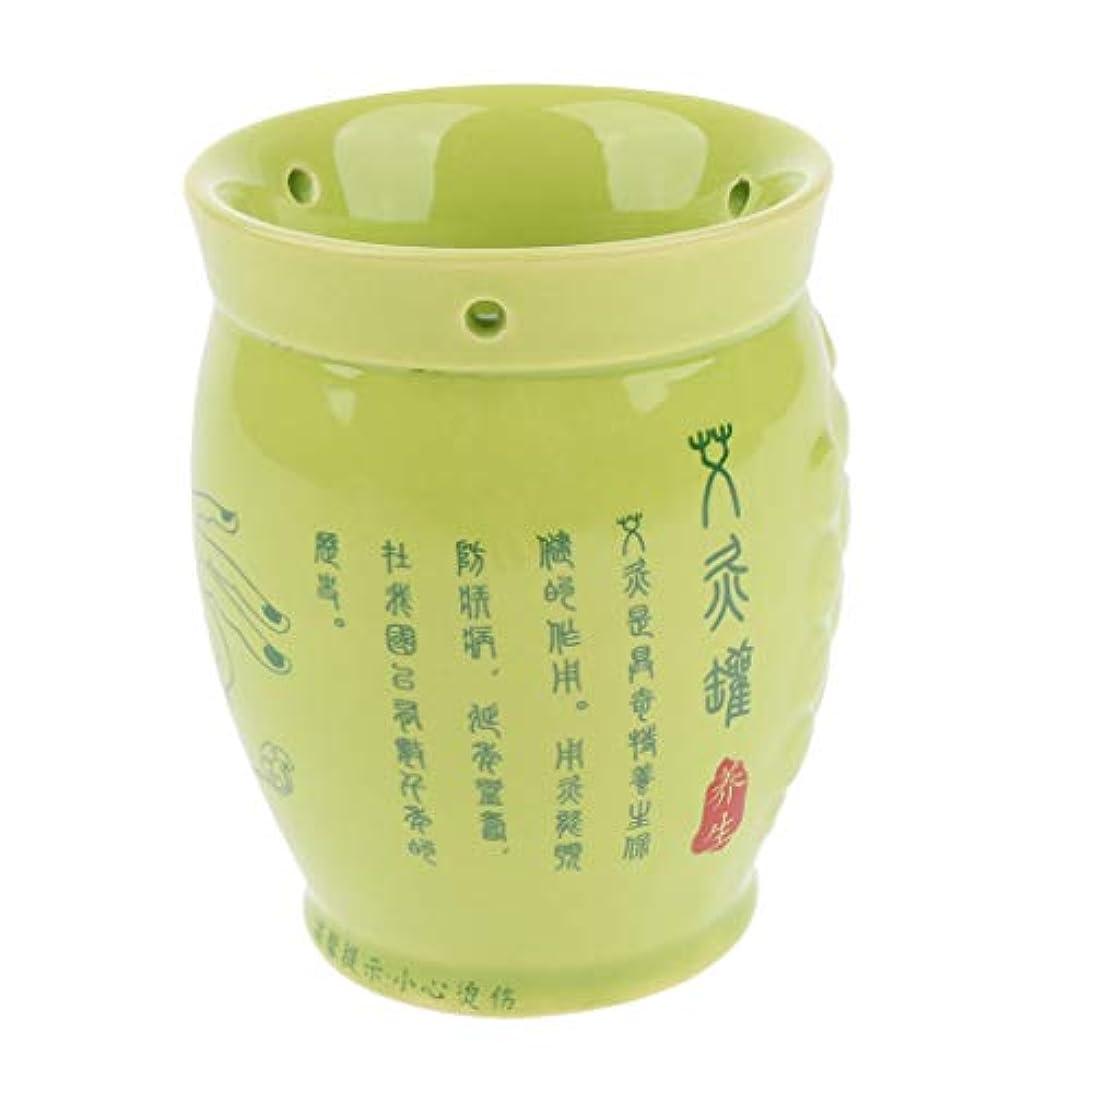 戦争取得する寝てるFLAMEER マッサージカッピングカップ 缶 ポット お灸 中国式 セラミック 疲労軽減 男女兼用